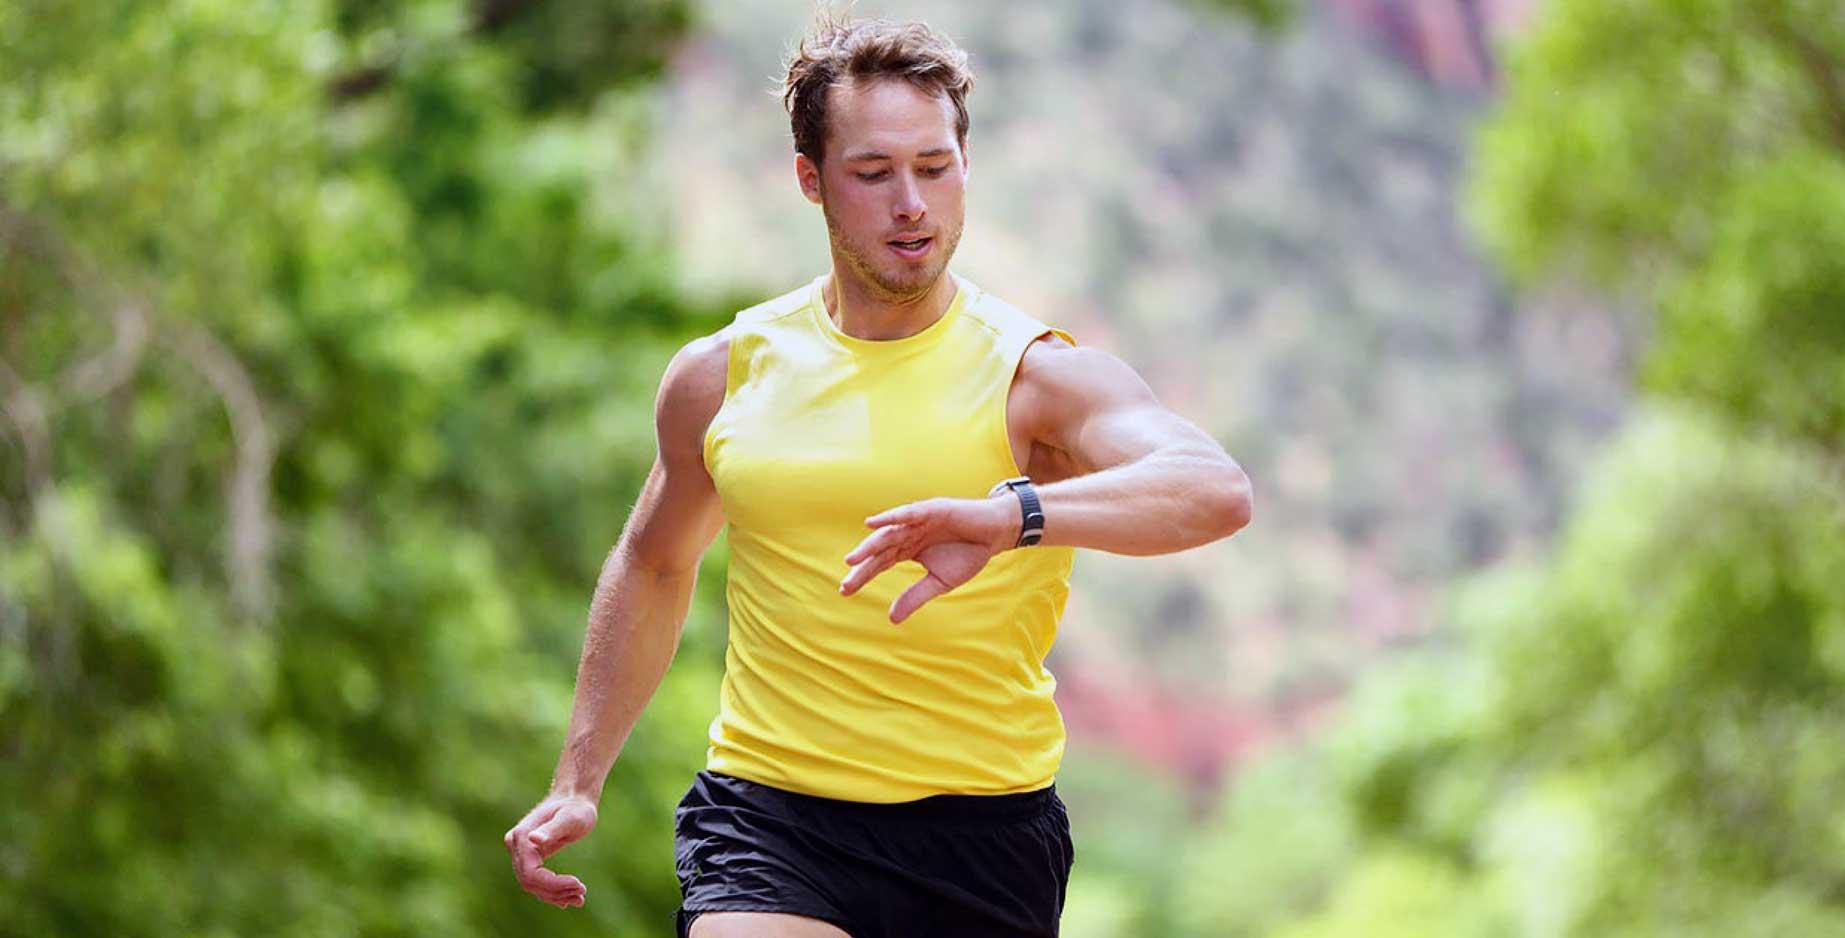 Man keeping track of running progress